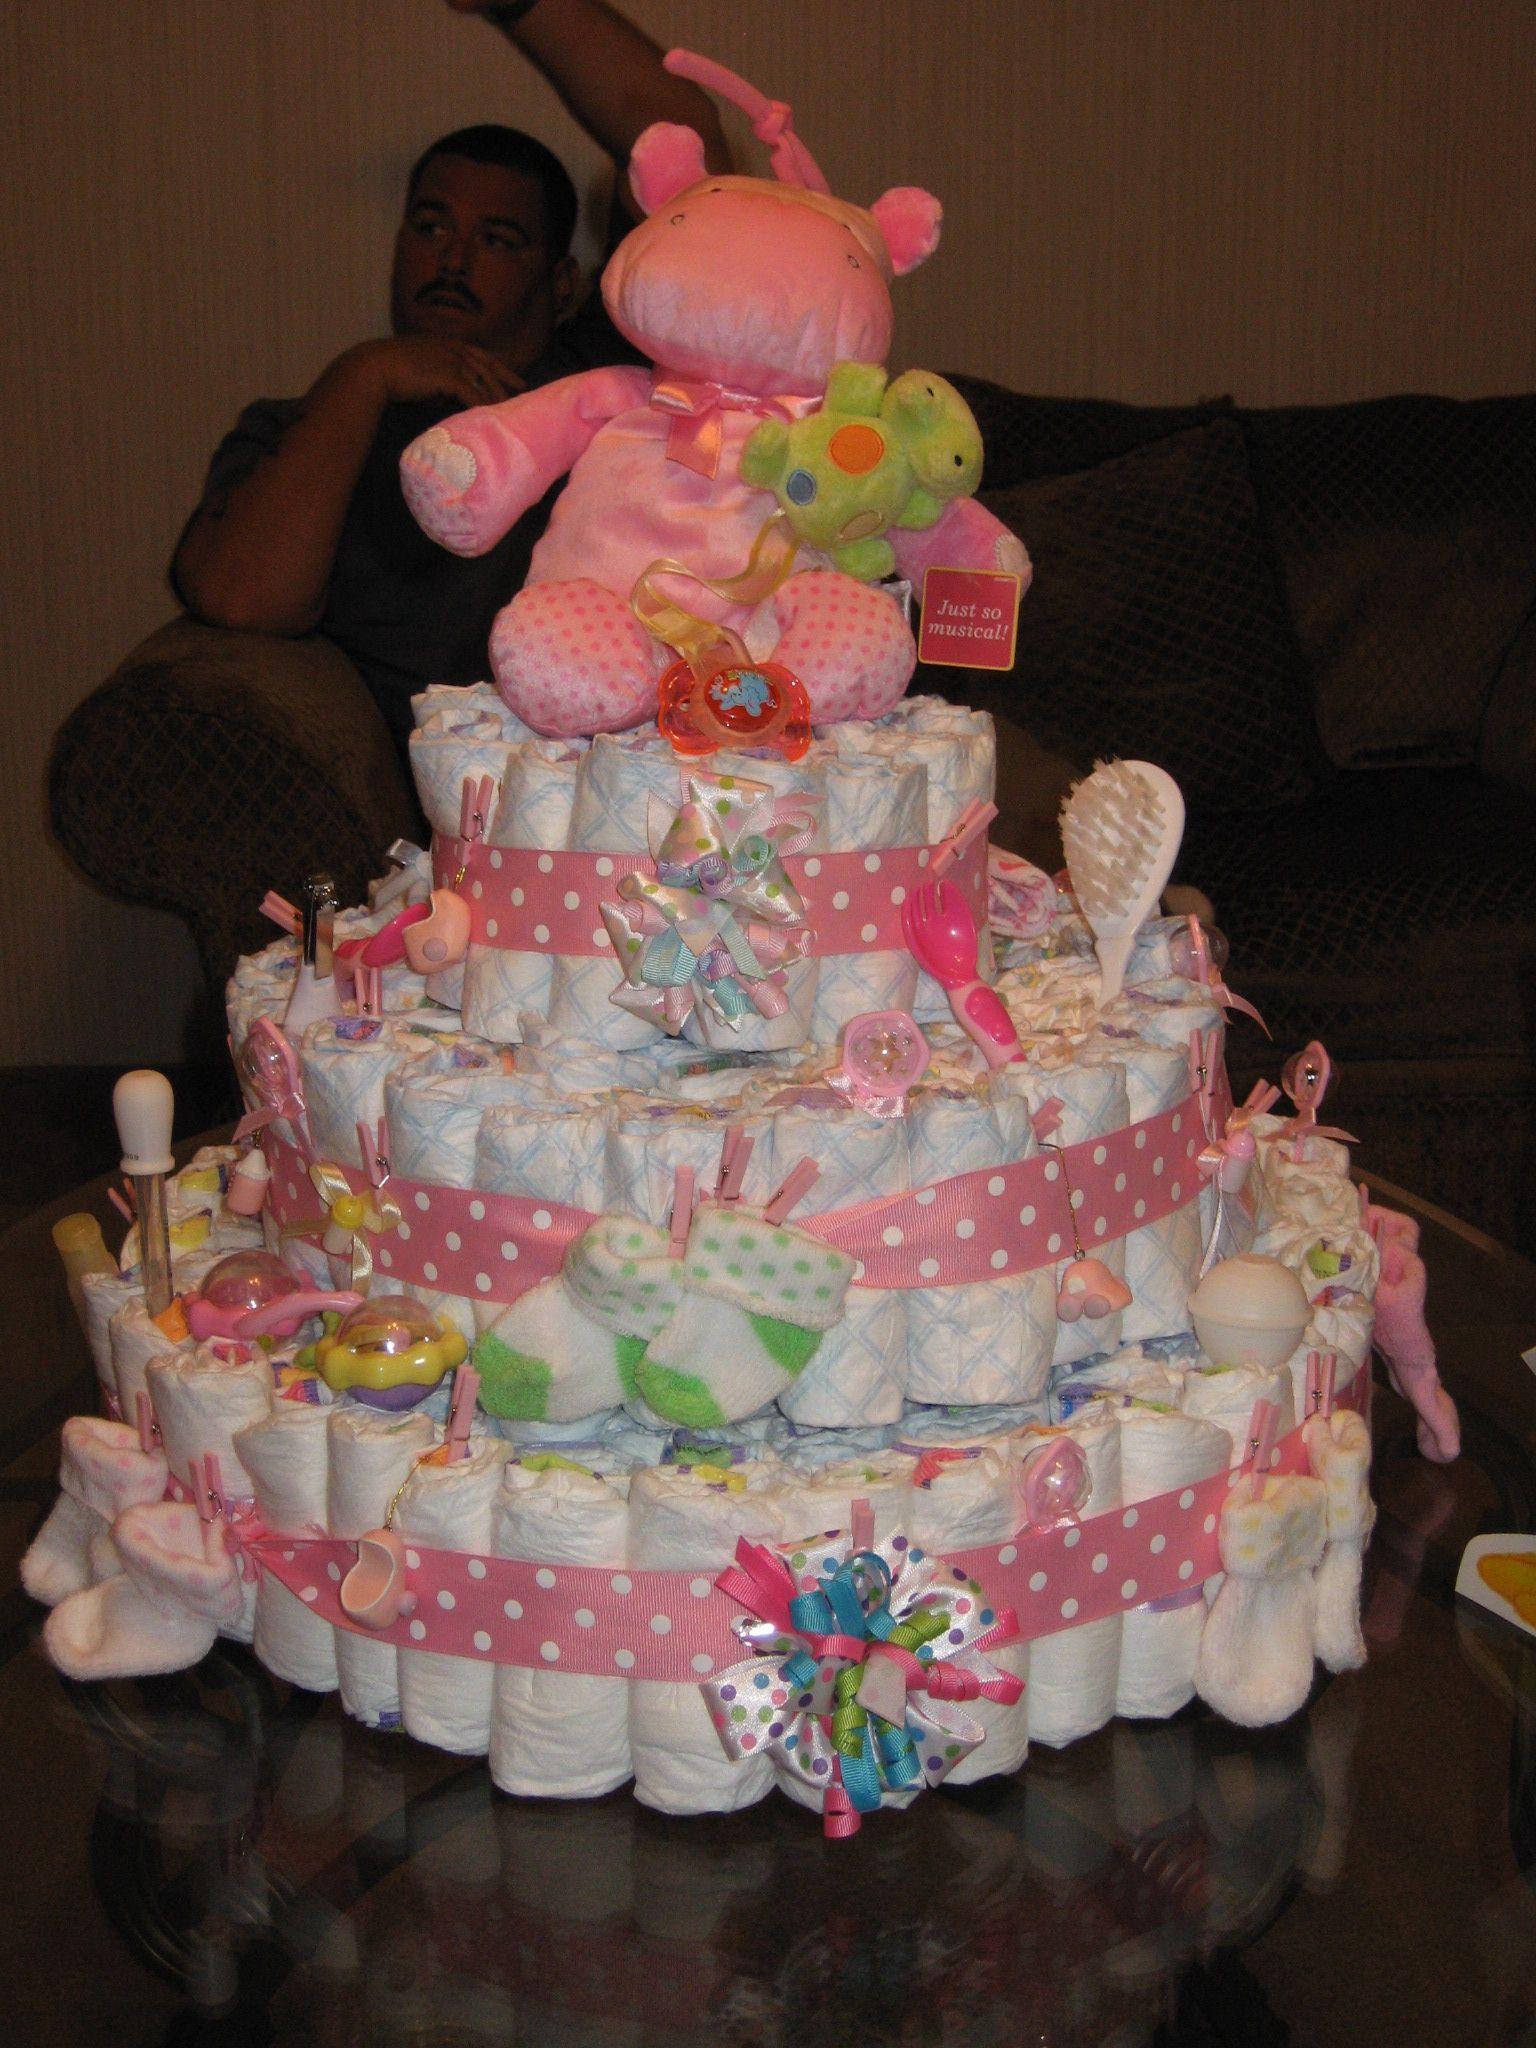 DIY Baby Shower Cakes  How To Make a DIY Diaper Cake Diaper Cakes